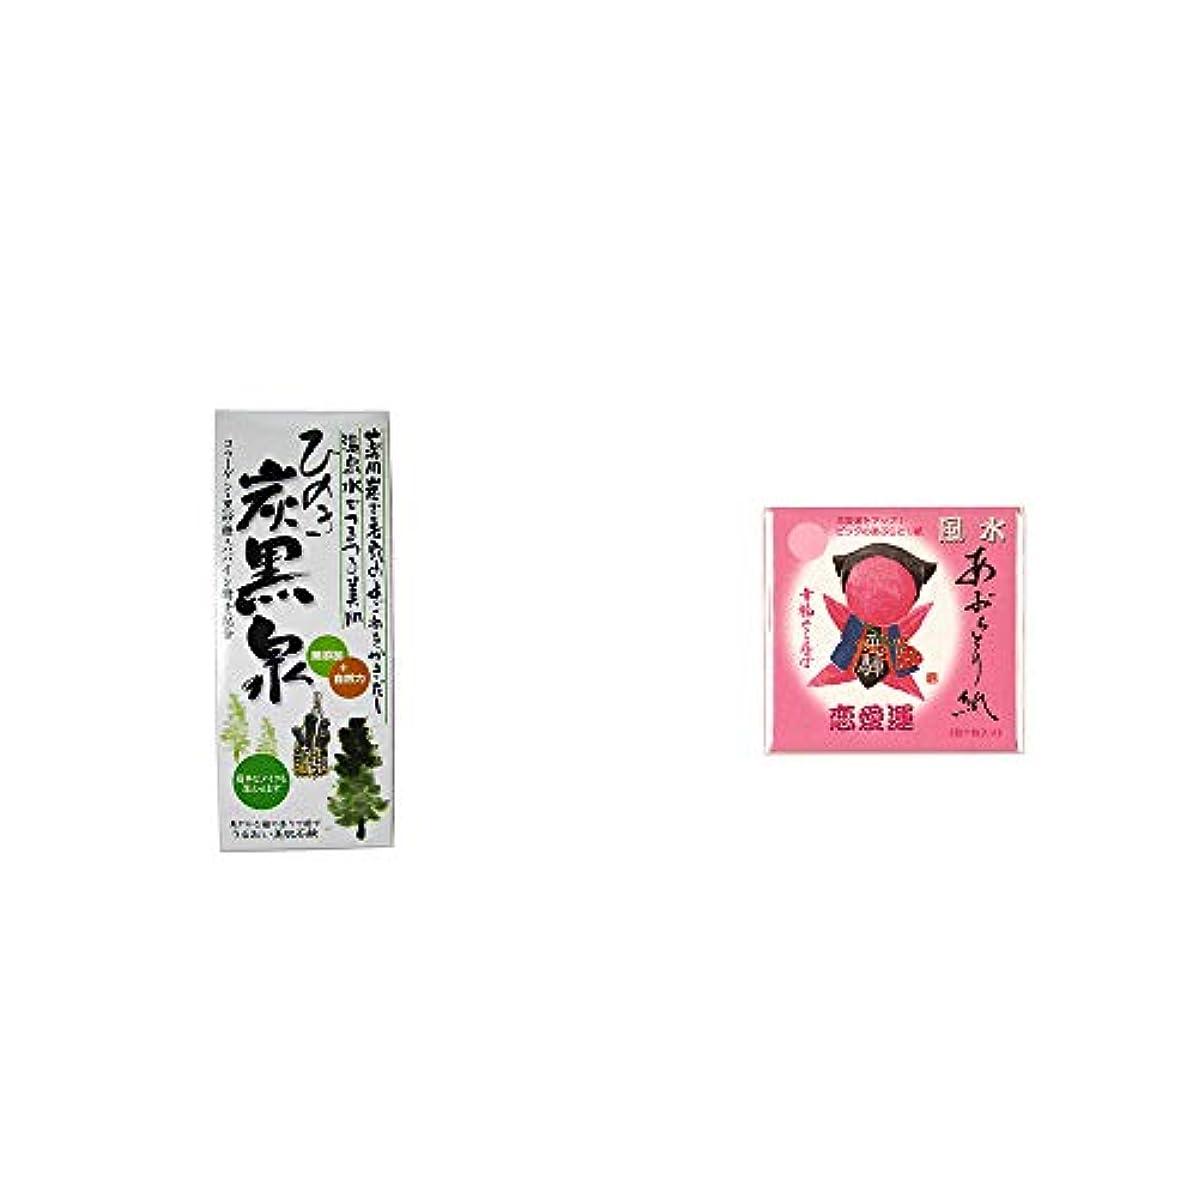 アカウント狂乱ポテト[2点セット] ひのき炭黒泉 箱入り(75g×3)?さるぼぼ 風水あぶらとり紙【ピンク】